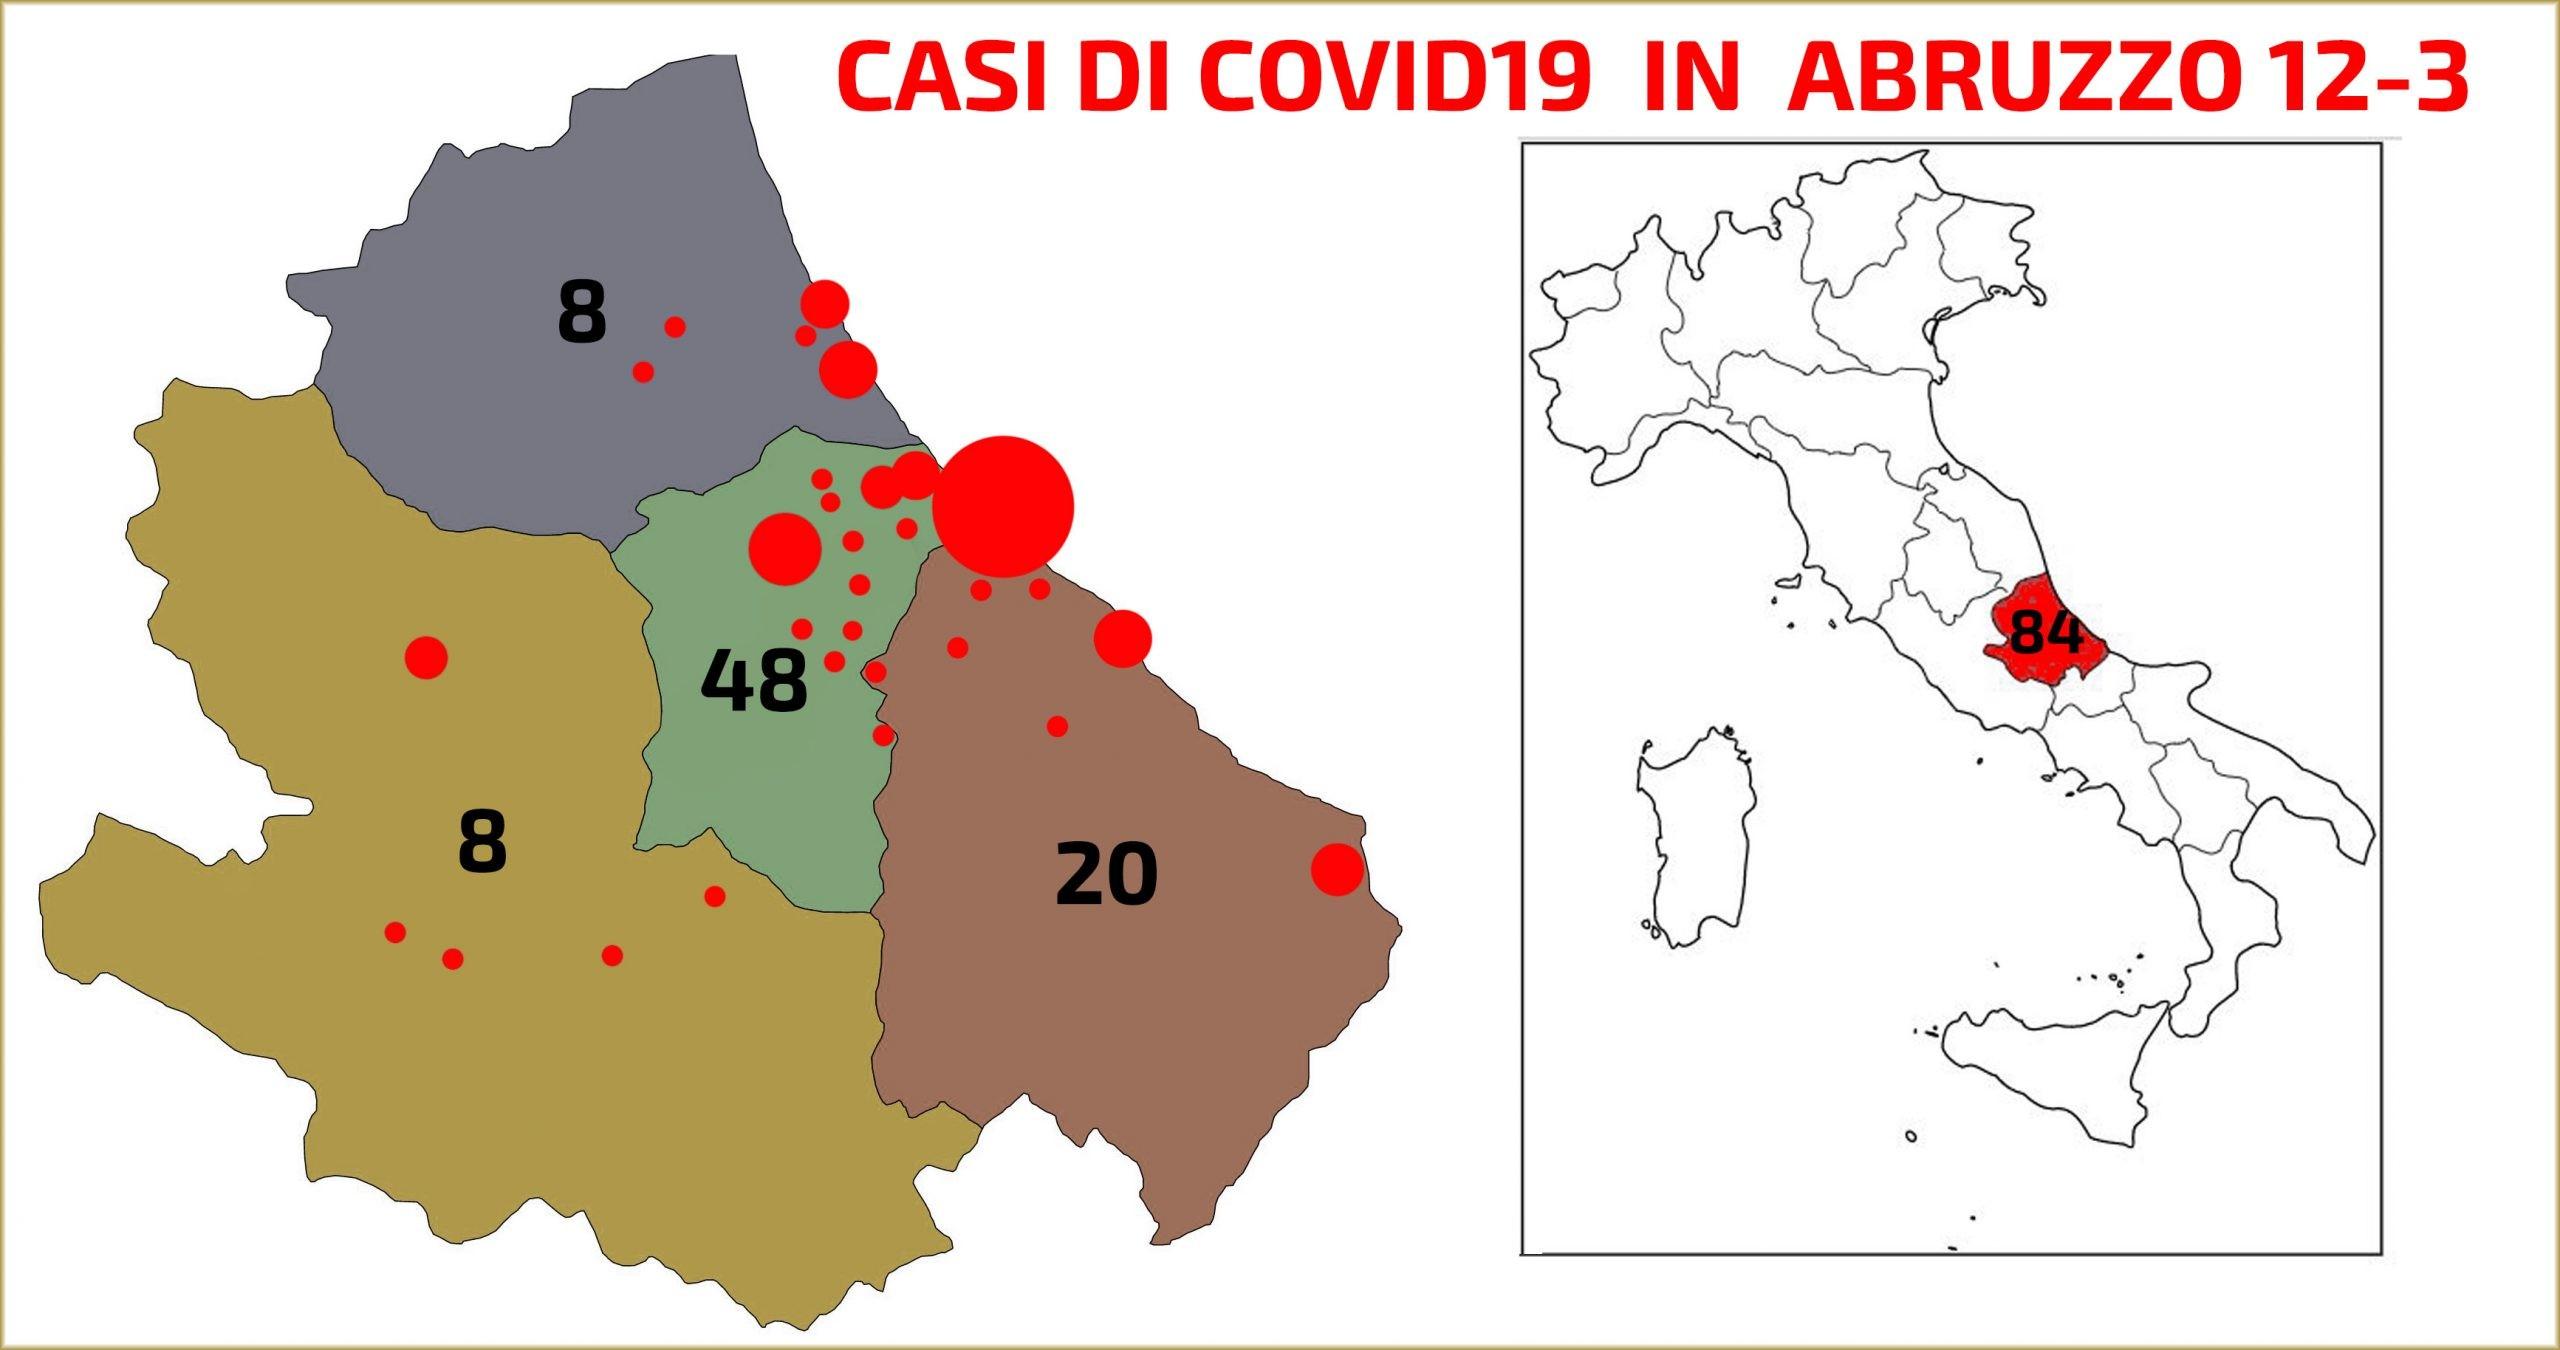 Cartina Della Regione Abruzzo.Coronavirus La Mappa Aggiornata Dei Contagi In Abruzzo Crescono I Casi Nel Pescarese Abruzzolive